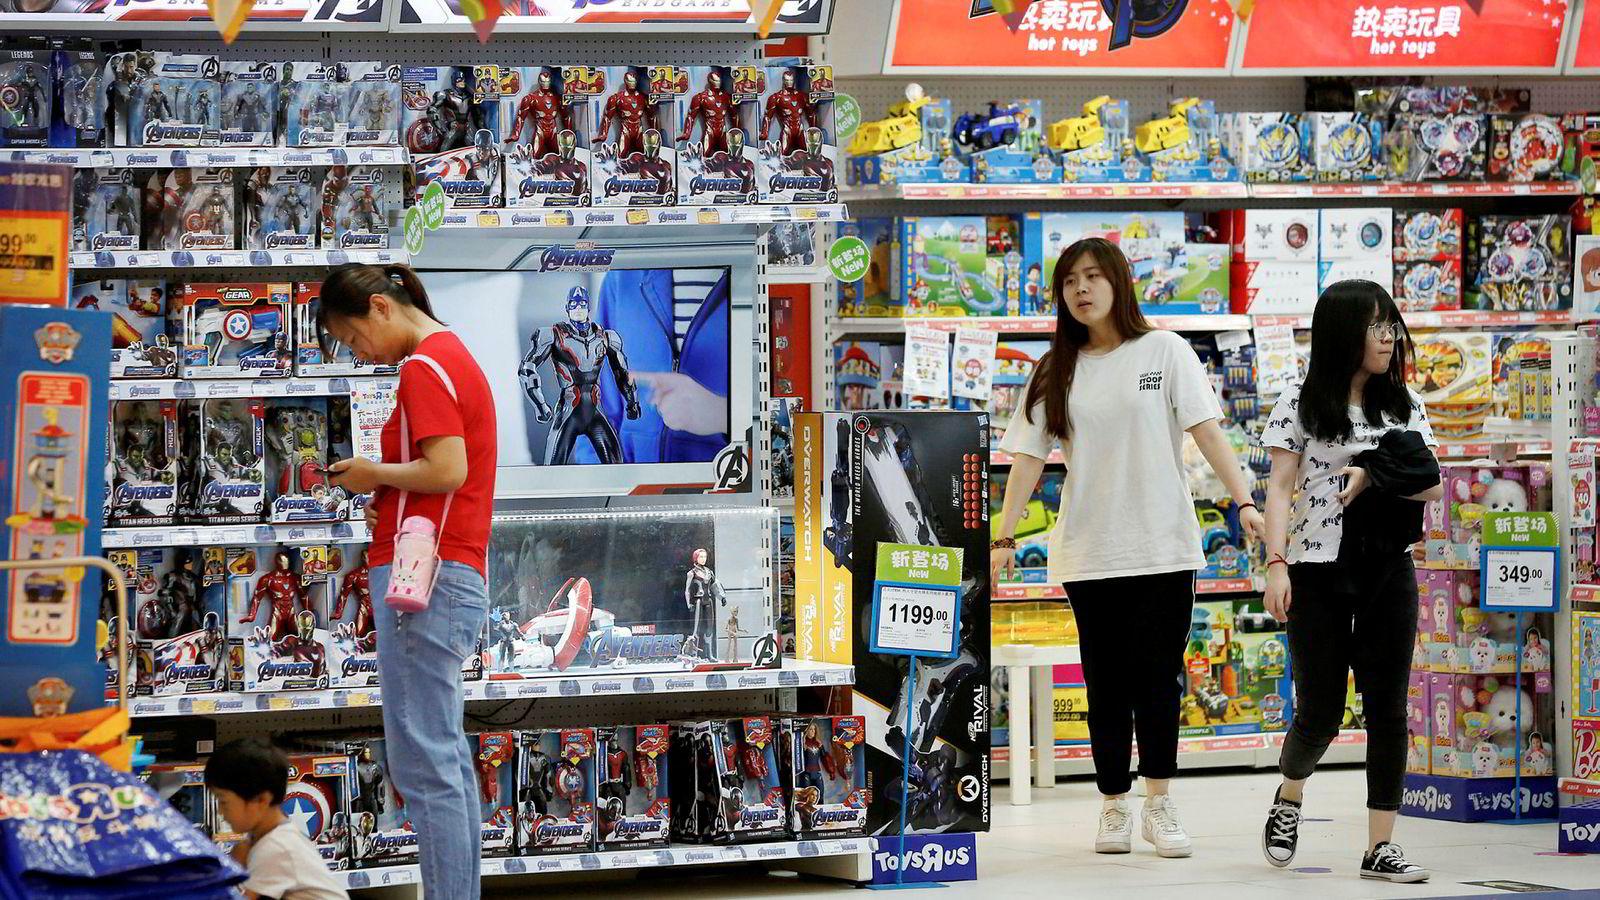 Uforutsigbarhet fra blant annet USA gjør at internasjonale selskaper er forsiktige med å ekspandere. Den økonomiske veksten for verdensøkonomien nedjusteres fra 2,6 til 2,3 prosent for 2019. Dette er den svakeste veksten siden 2016. Her fra en lekebutikk i Bejing, Kina.